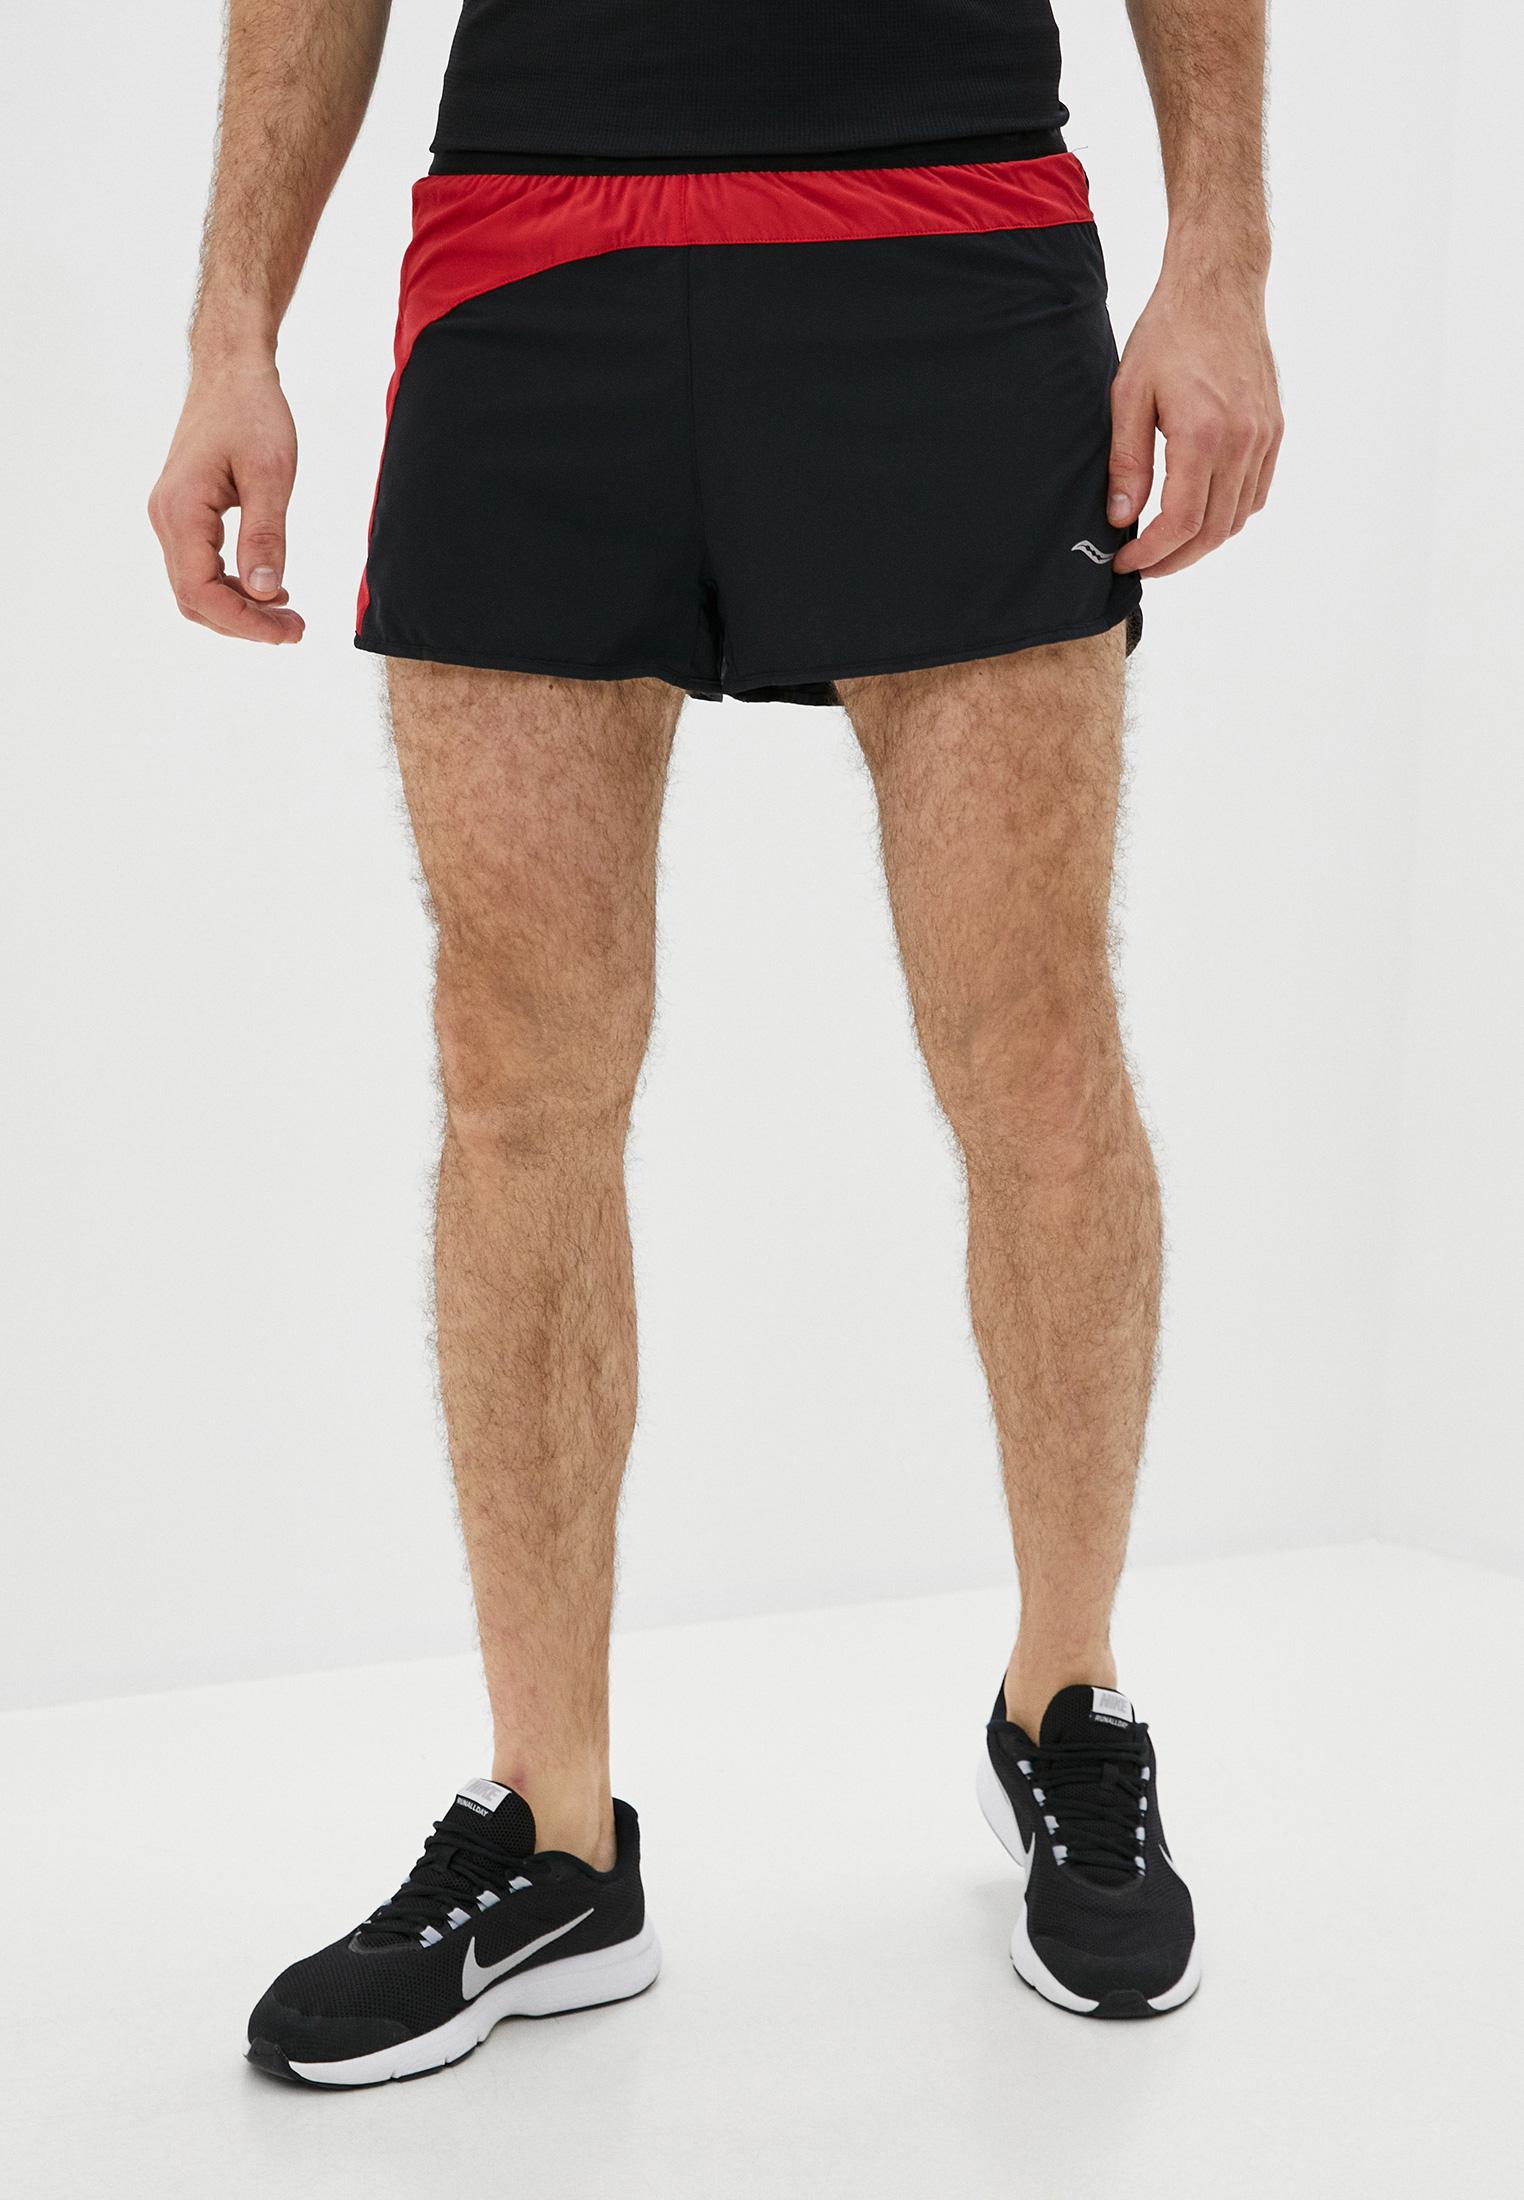 Мужские шорты Saucony SAM800205-BKRED